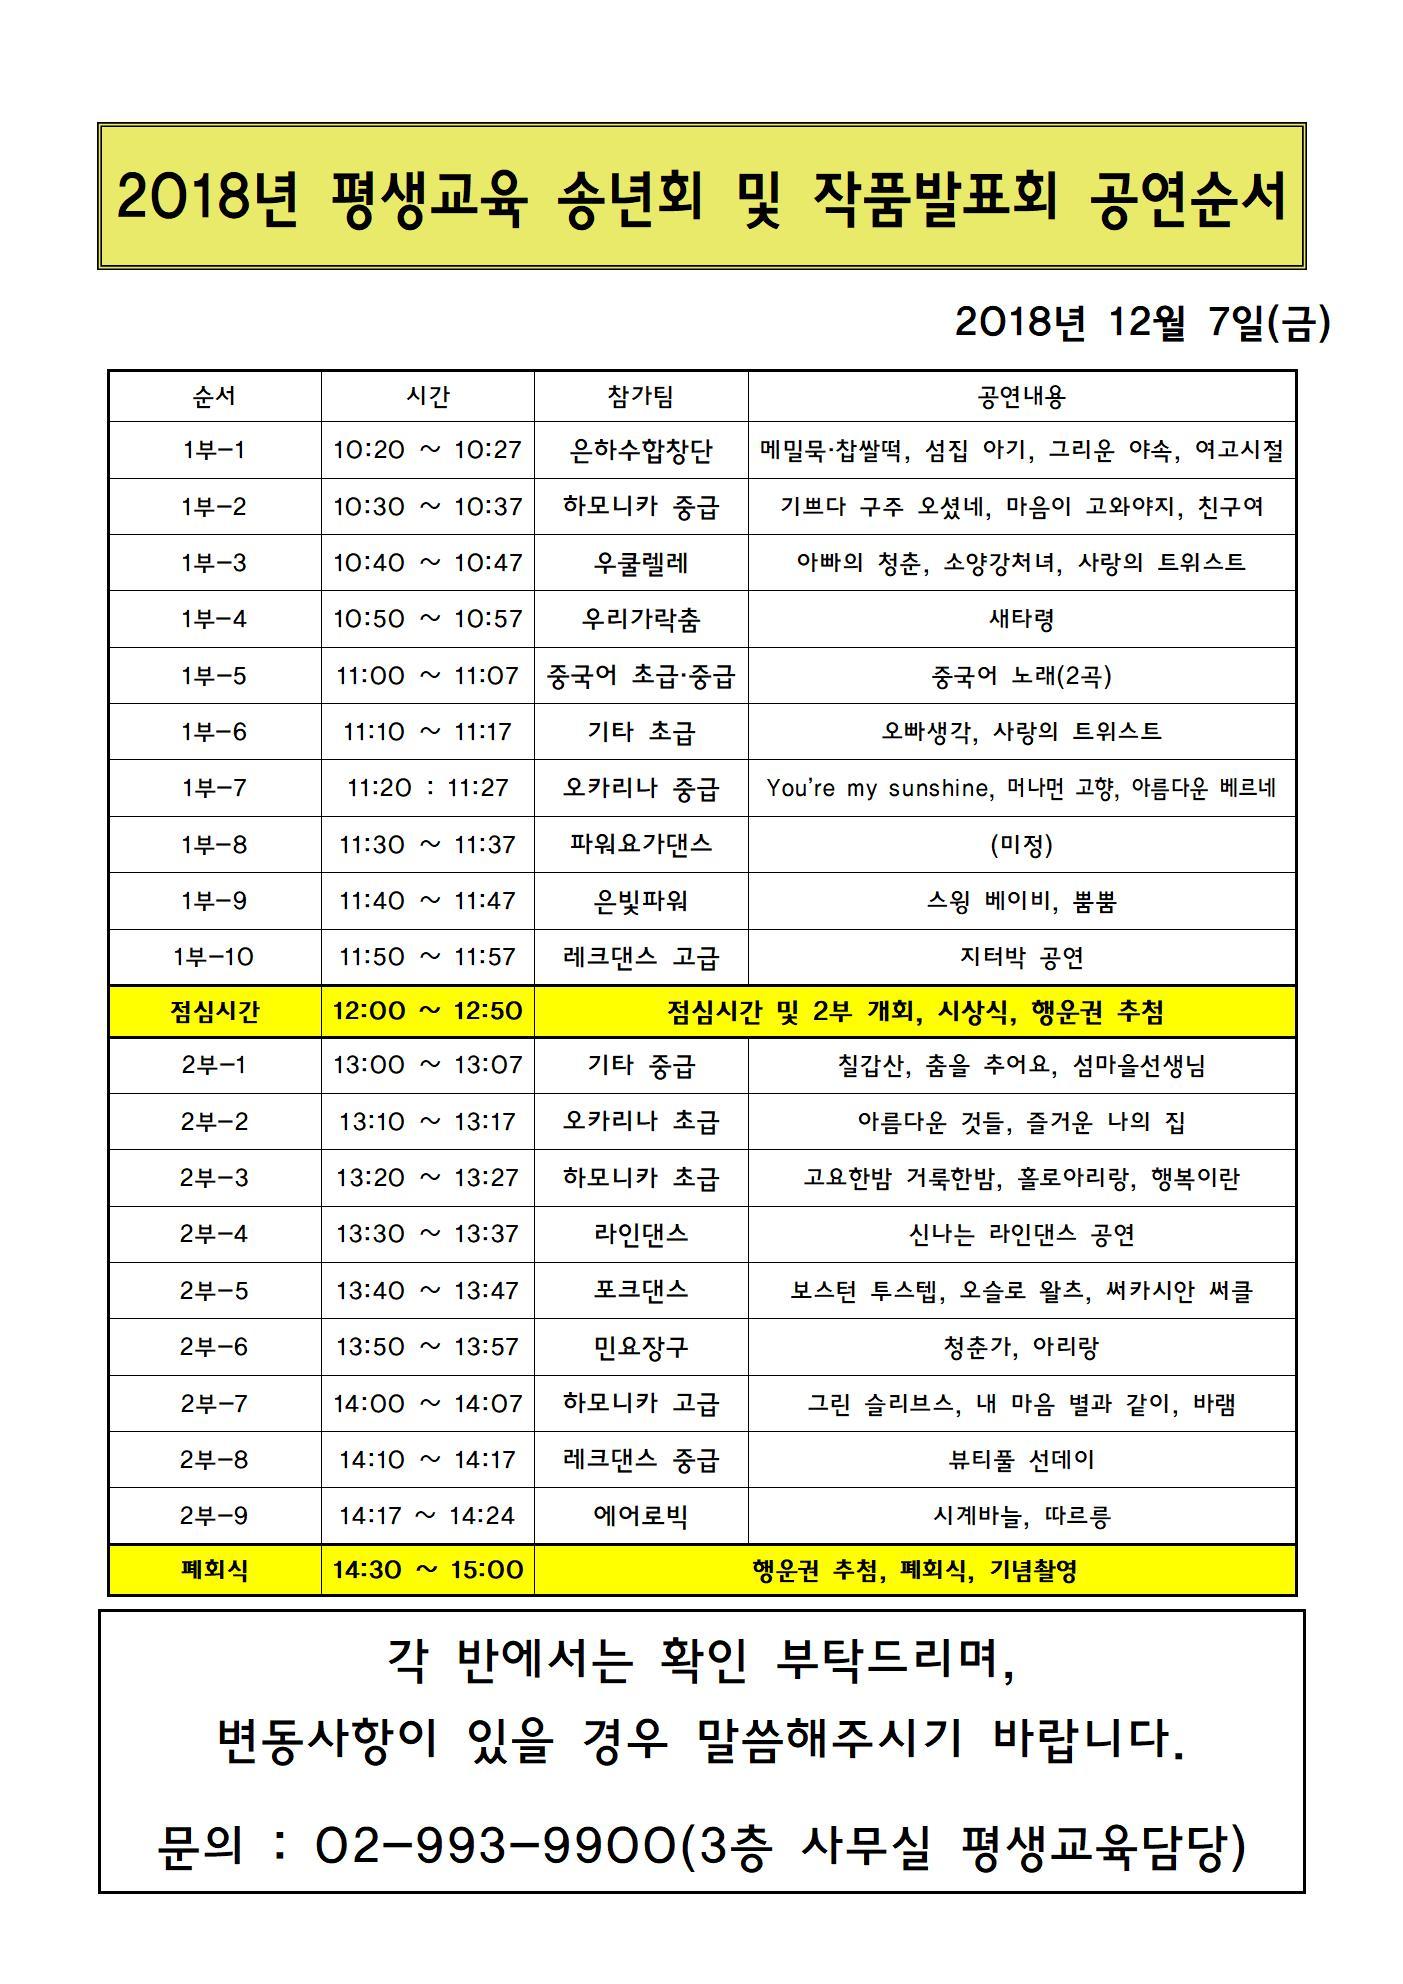 12.3(2018년 평생교육 송년회 및 작품발표회 공연순서).jpg